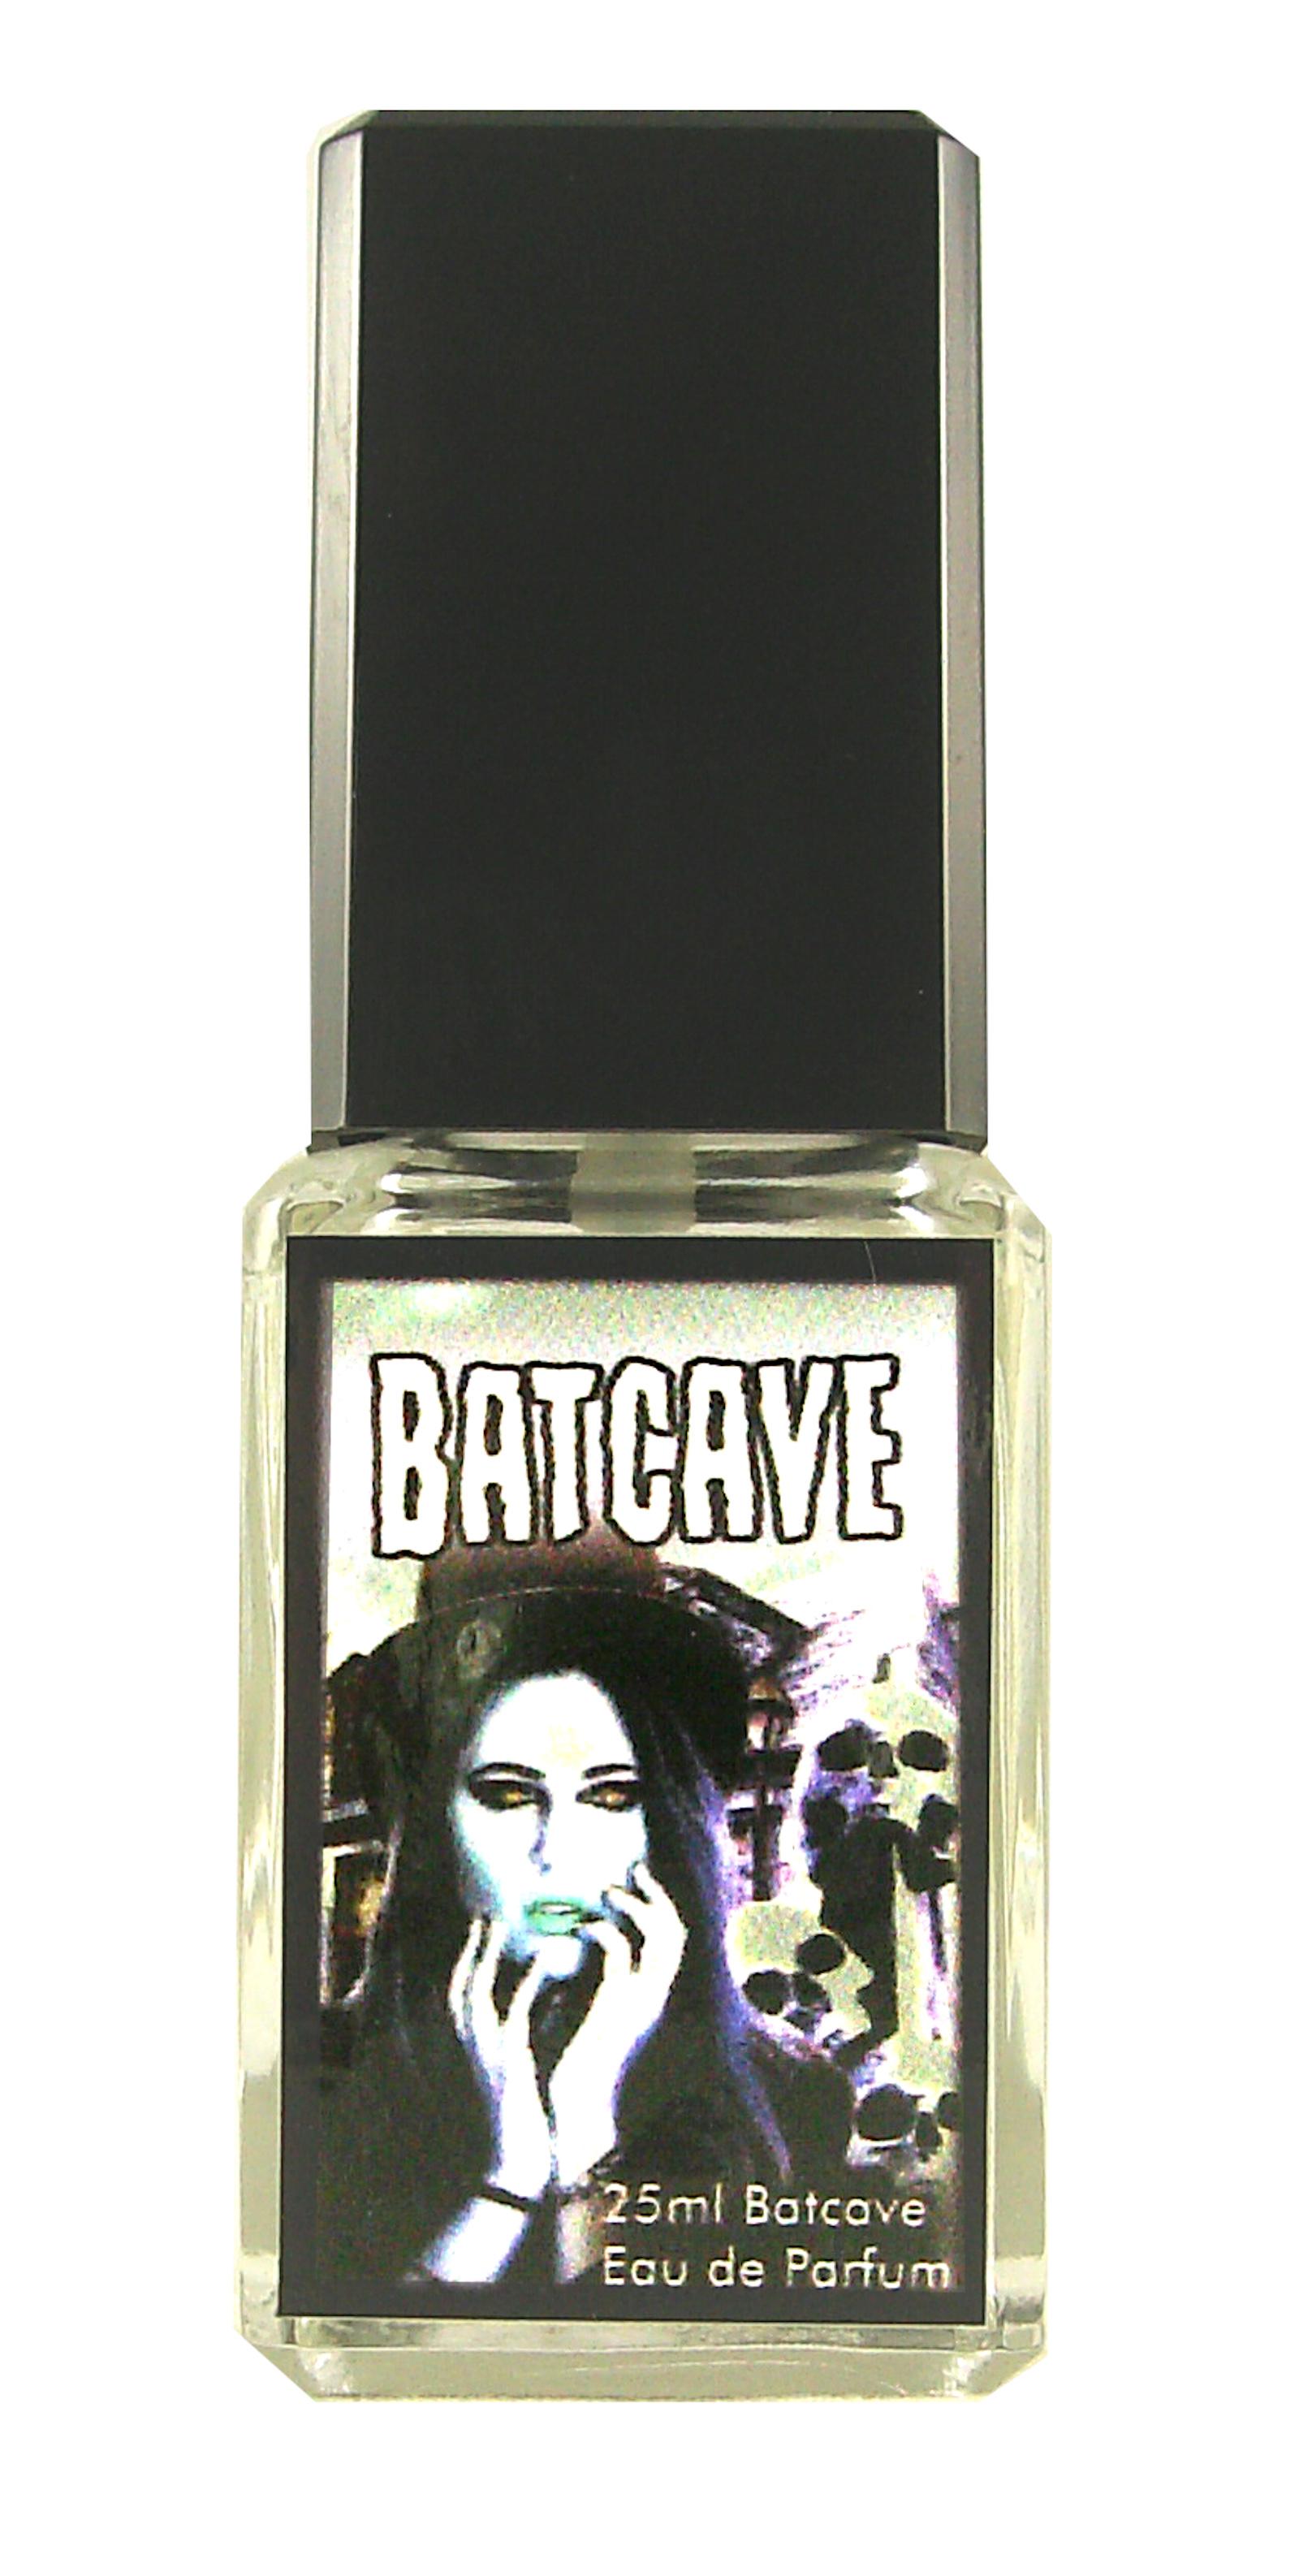 Batcave, Patchouli sinnlich-orientalisch 25ml im Sprühflakon